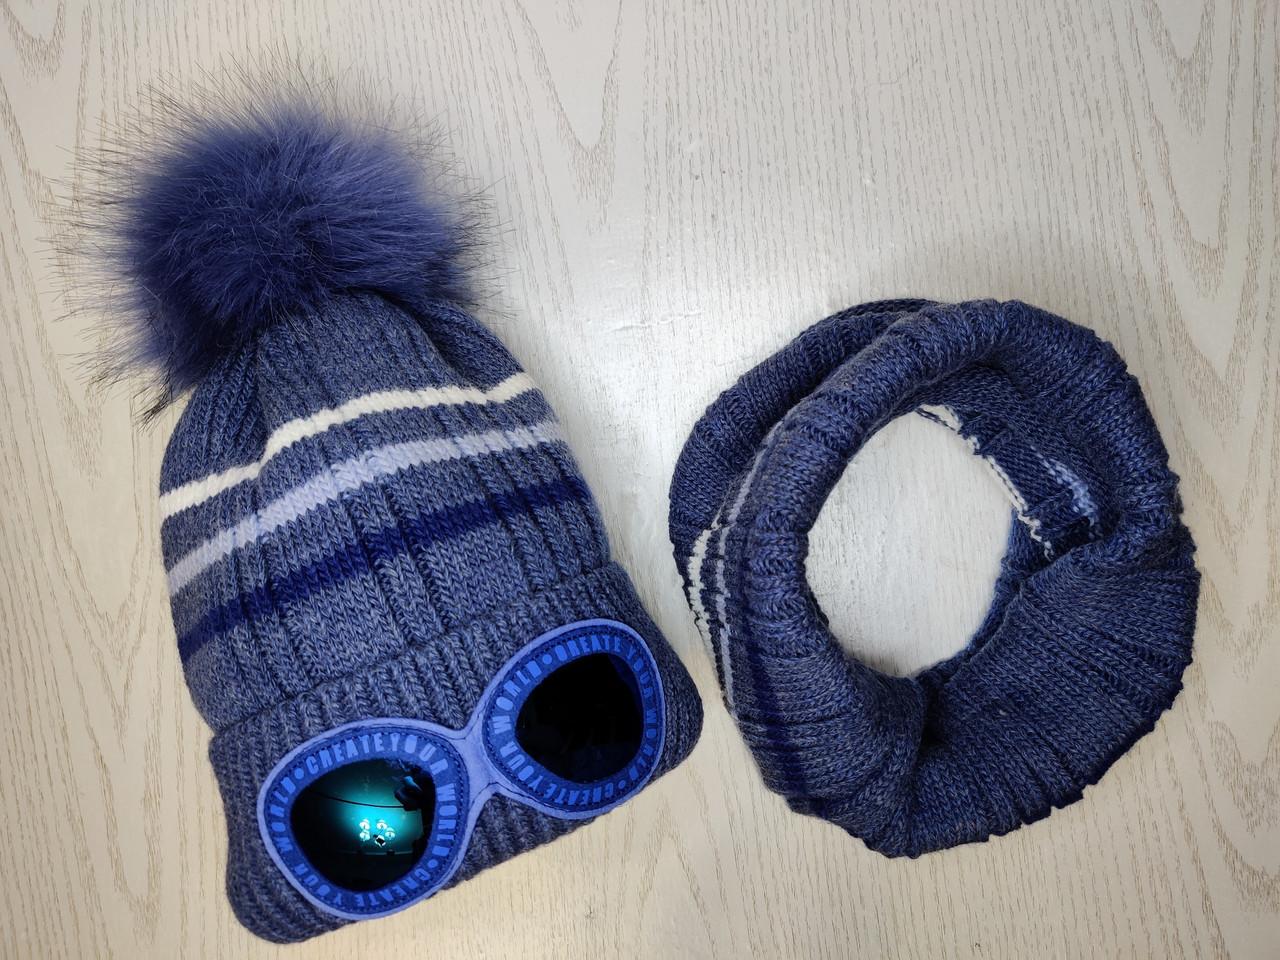 Комплект для мальчика c очками  (шапка+хомут ) Размер 50-54 см Возраст 3-5 лет